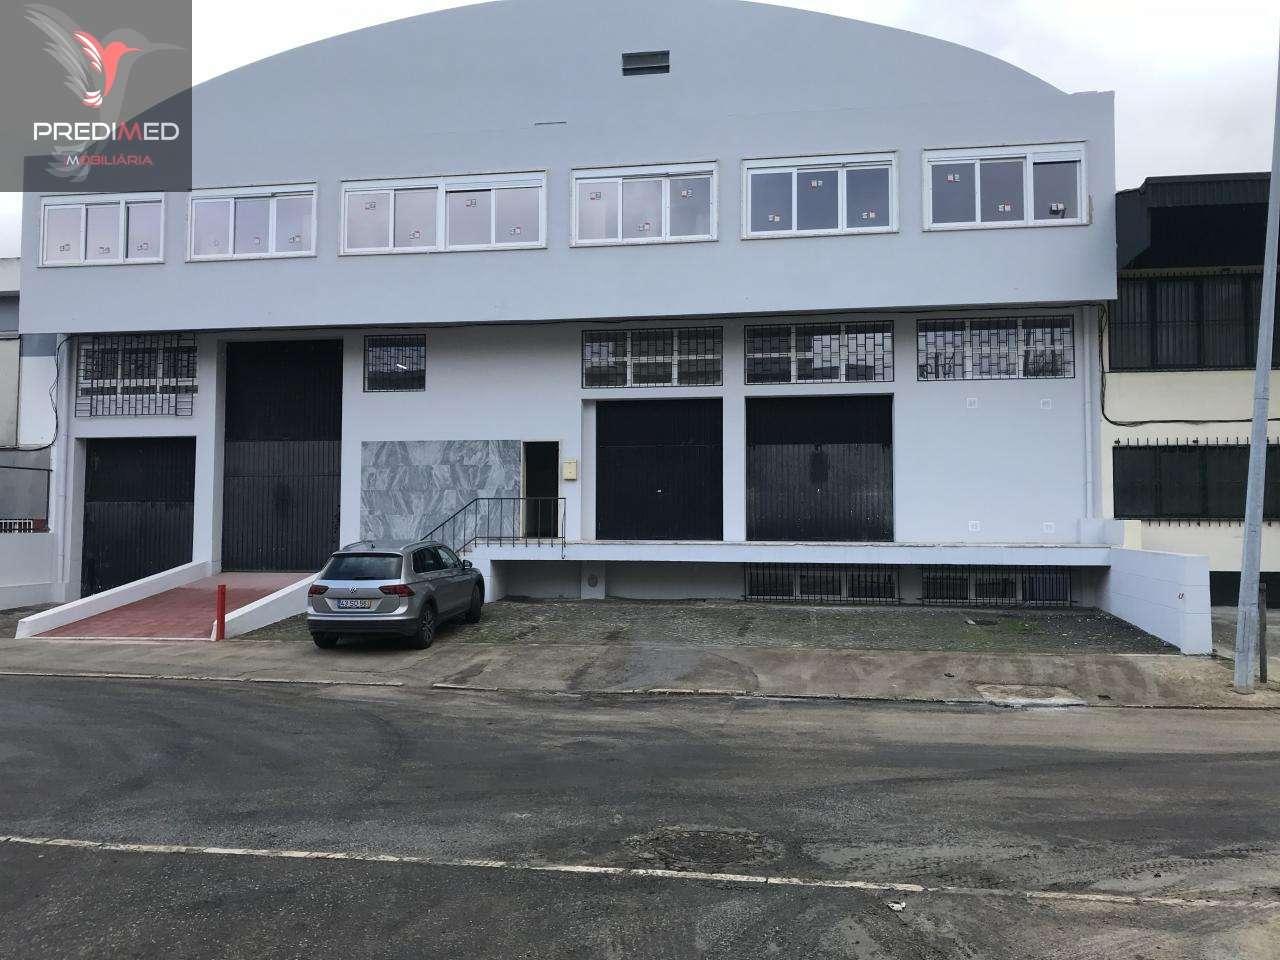 Armazém para arrendar, Rua Alto de São Lourenço - Bairro Alto de São Lourenço, Santa Iria de Azoia, São João da Talha e Bobadela - Foto 1